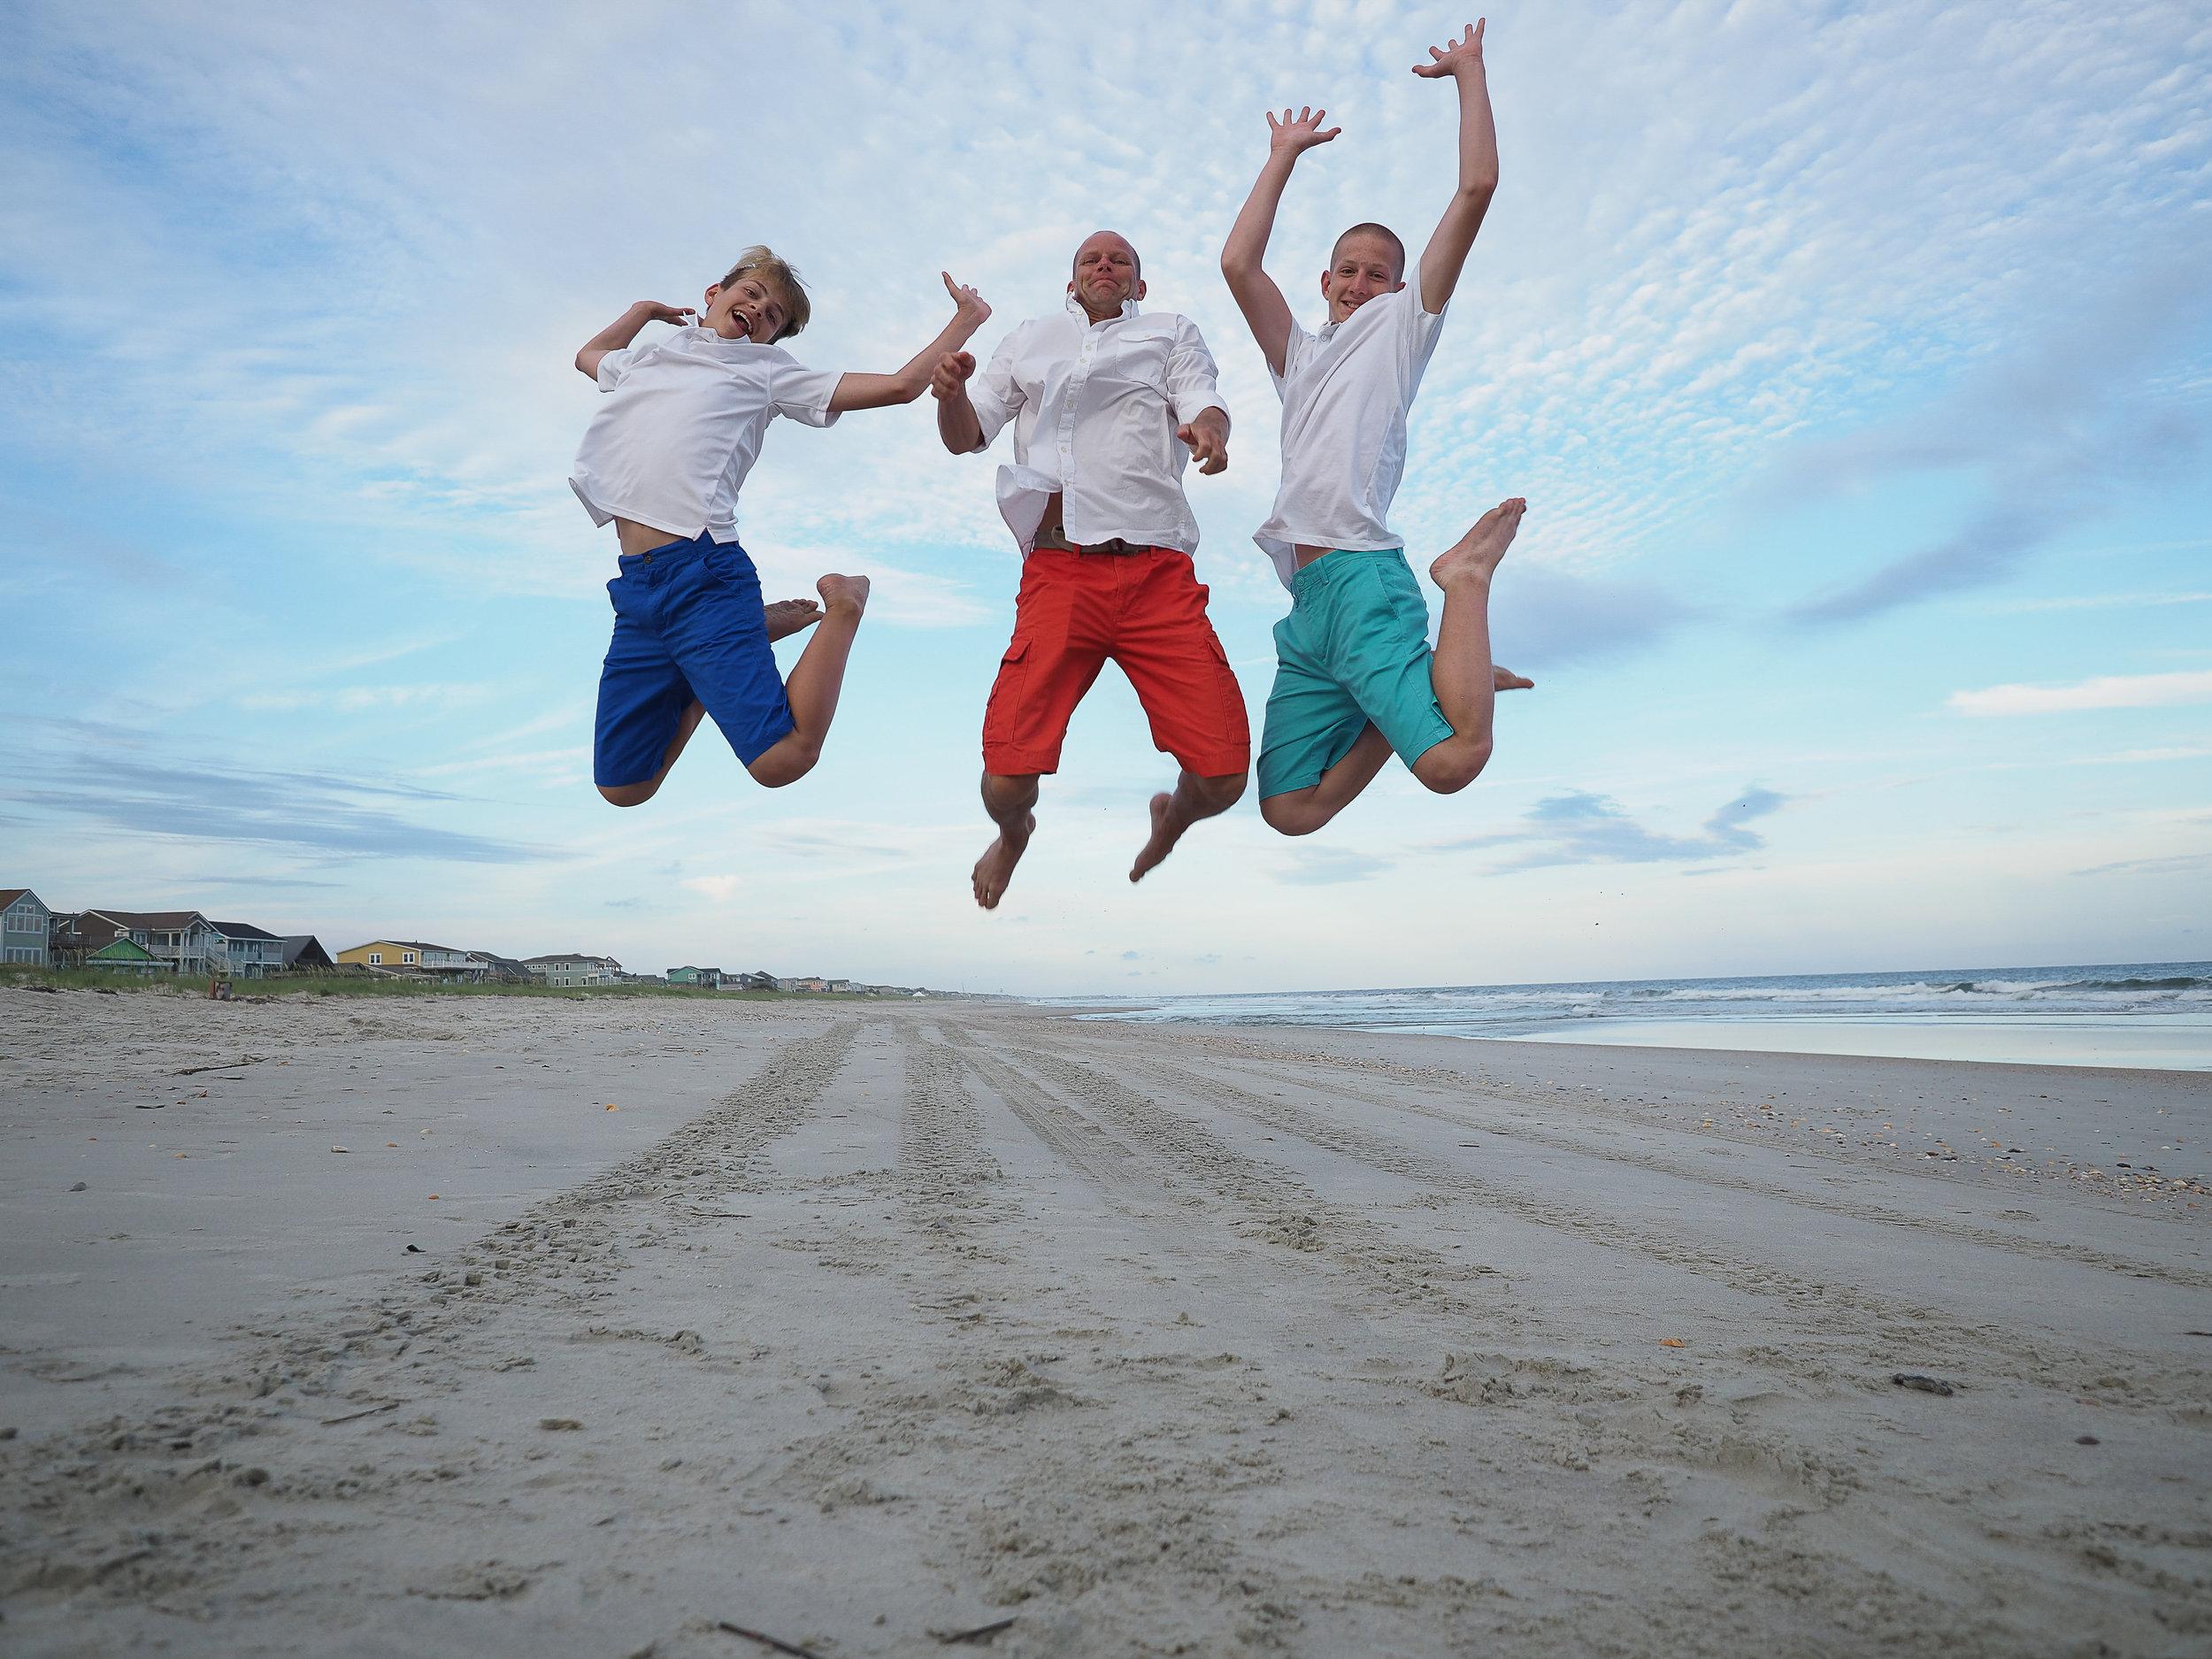 - Love the jump shot. Makes the session fun. Ocean Isle Beach, NC.